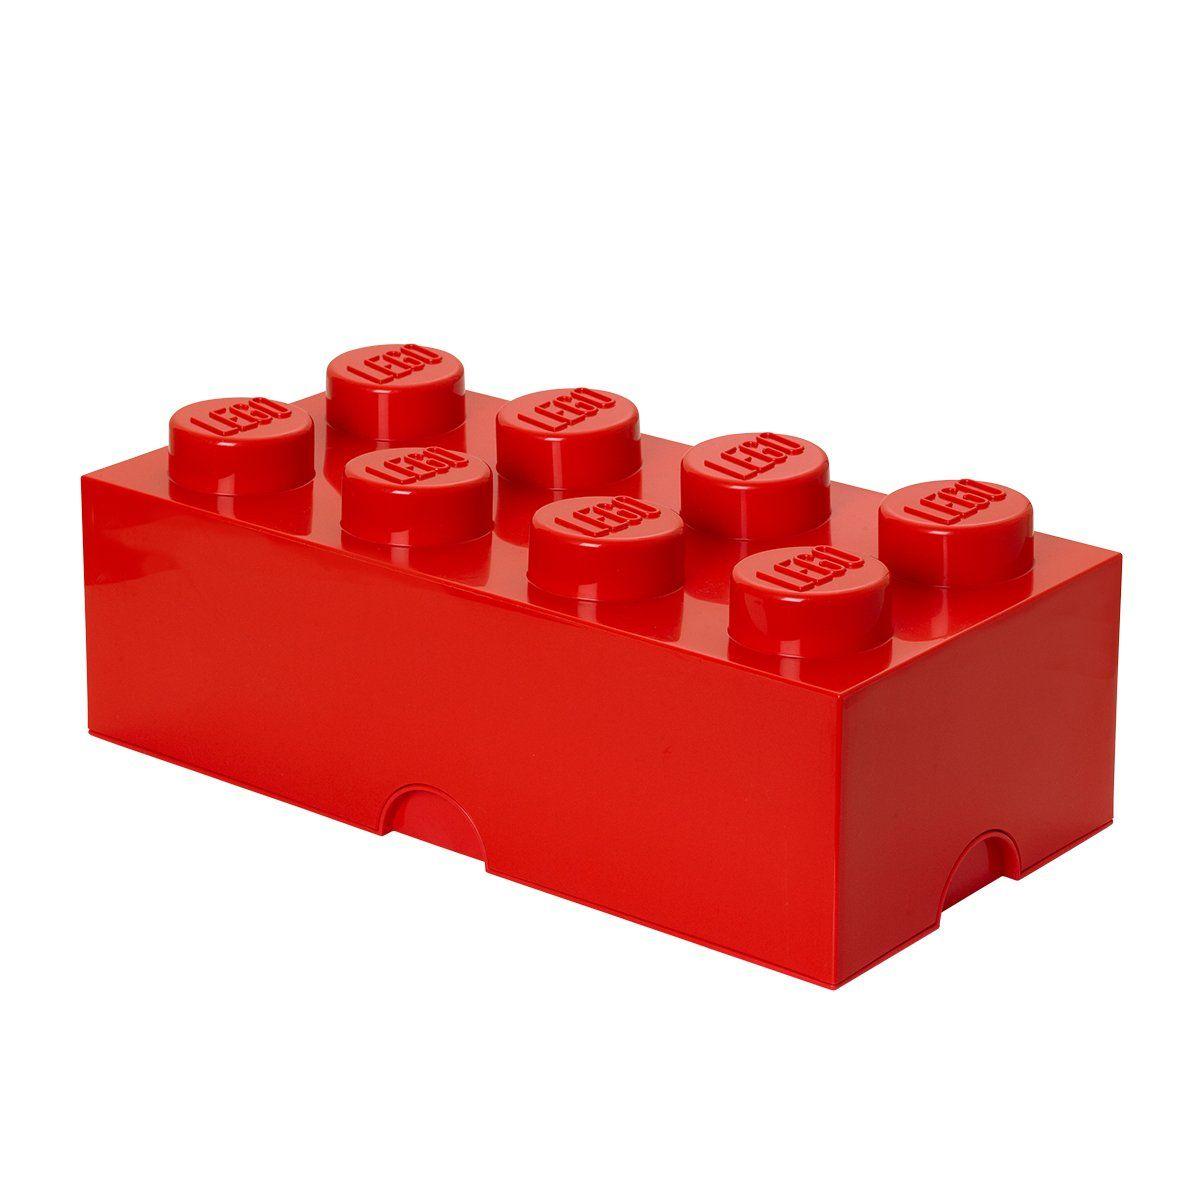 Aldi Lego Aufbewahrungsbox In Allen Farben Gunstig Online Kaufen Lego Aufbewahrungsbox Aufbewahrungsbox Und Box